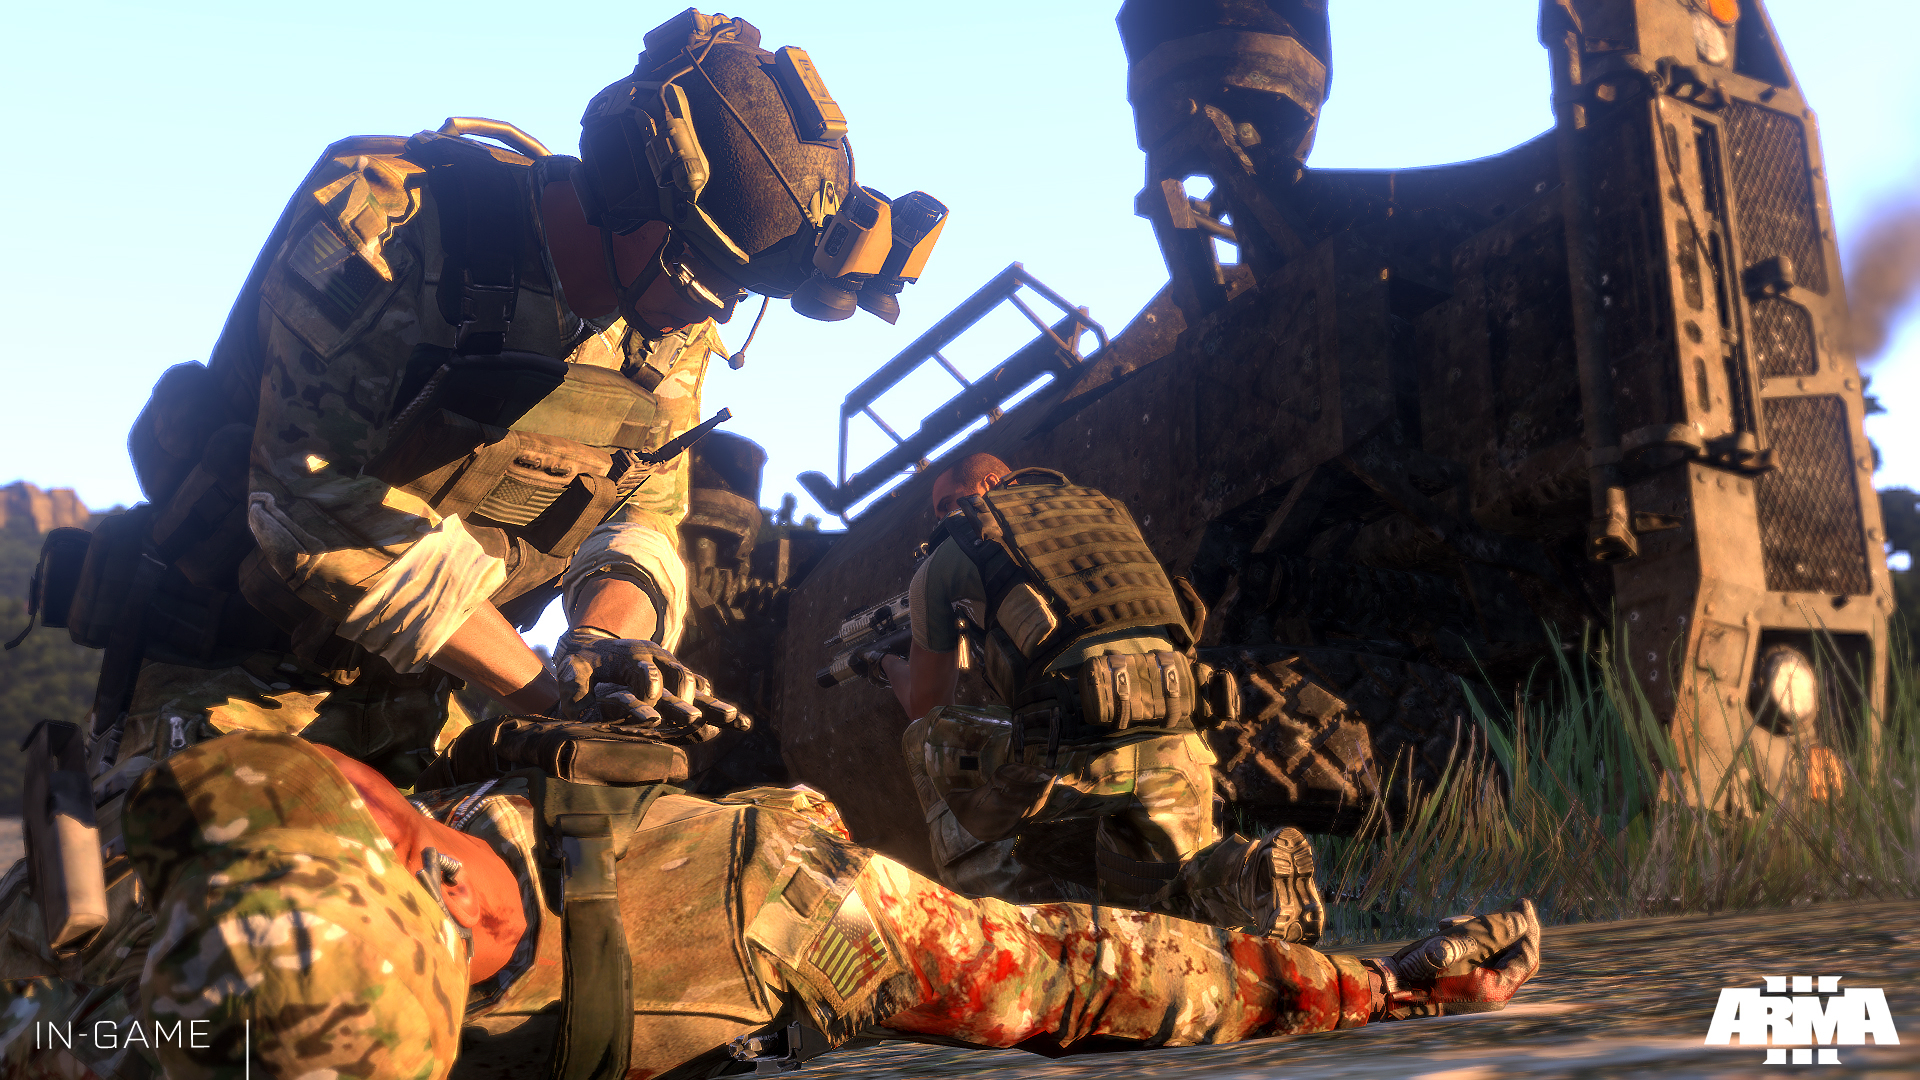 První část kampaně Army 3 vyjde 31. října 88740